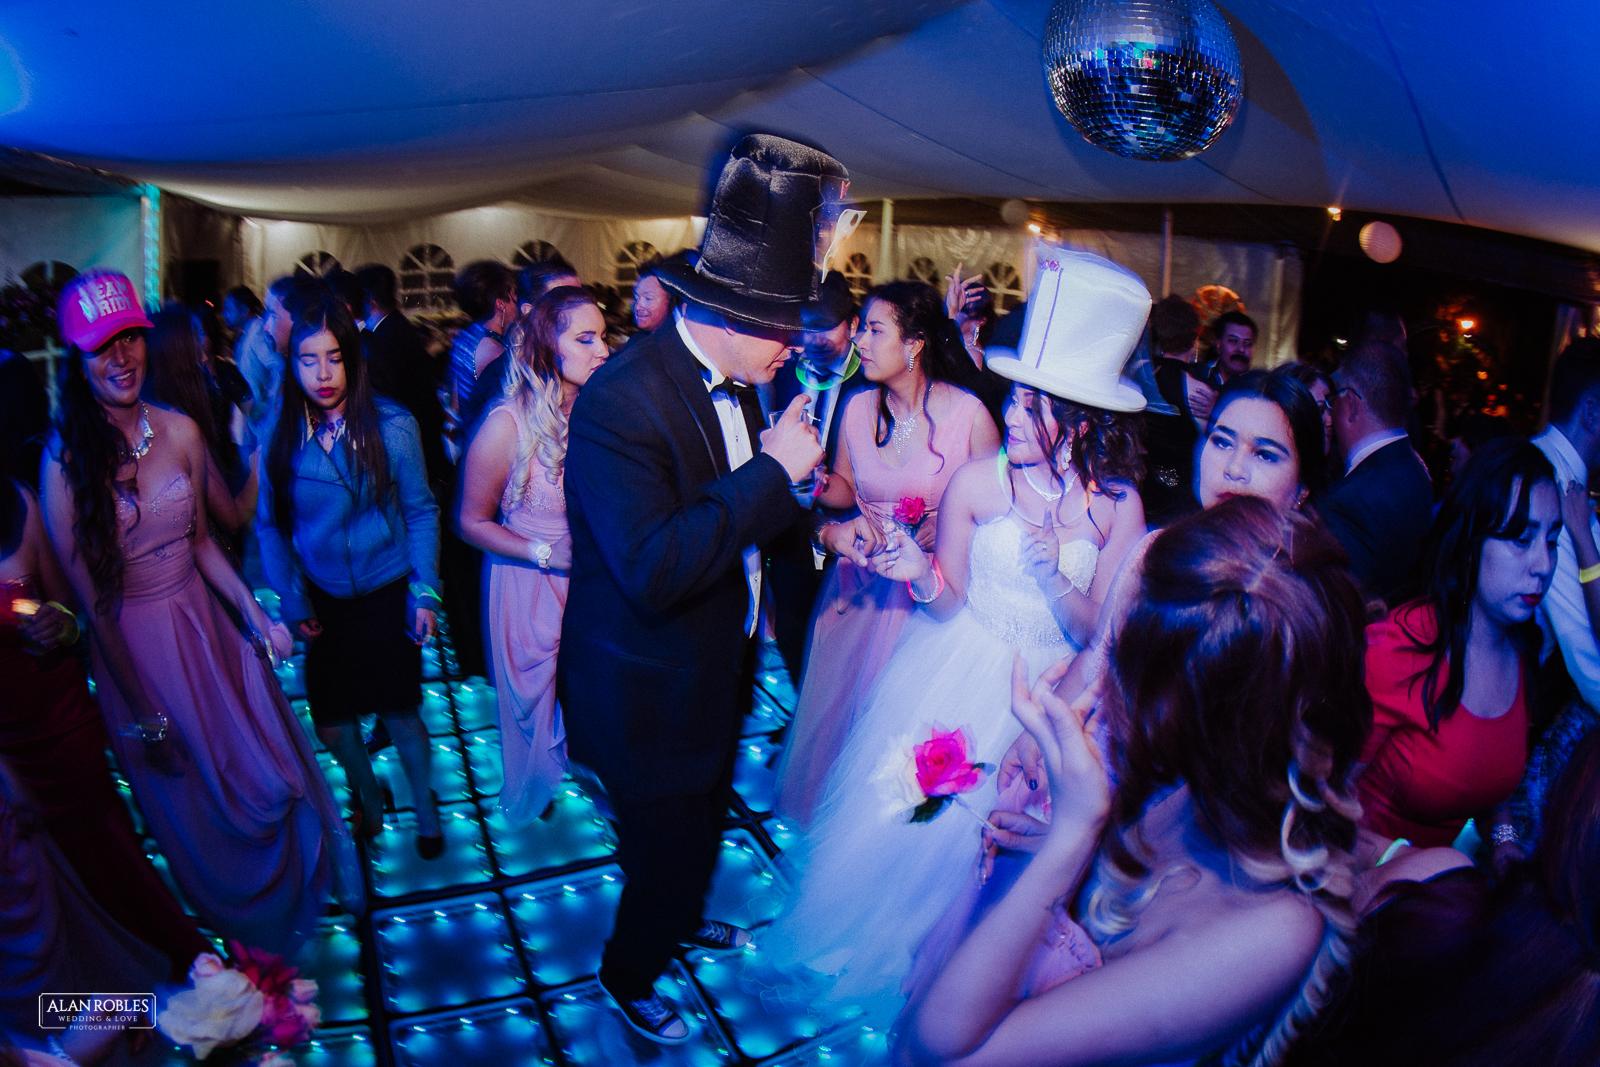 Fotografo de bodas Alan Robles-Michoacan-75